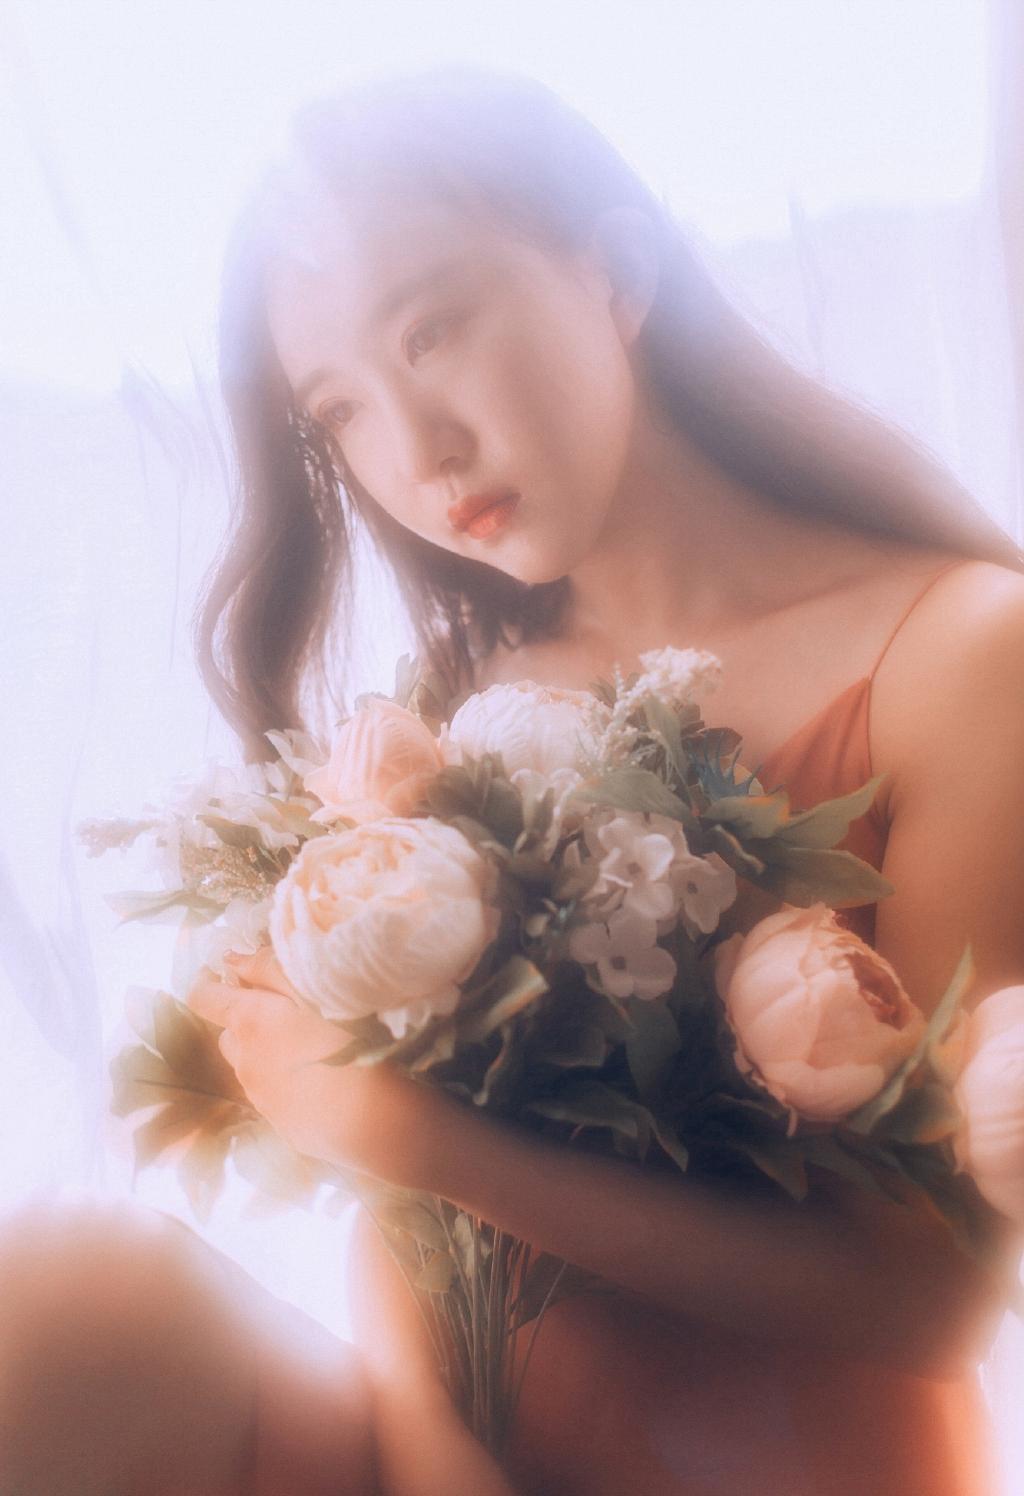 MIDE-352粉红女郎香肩雪白迷人艺术写真